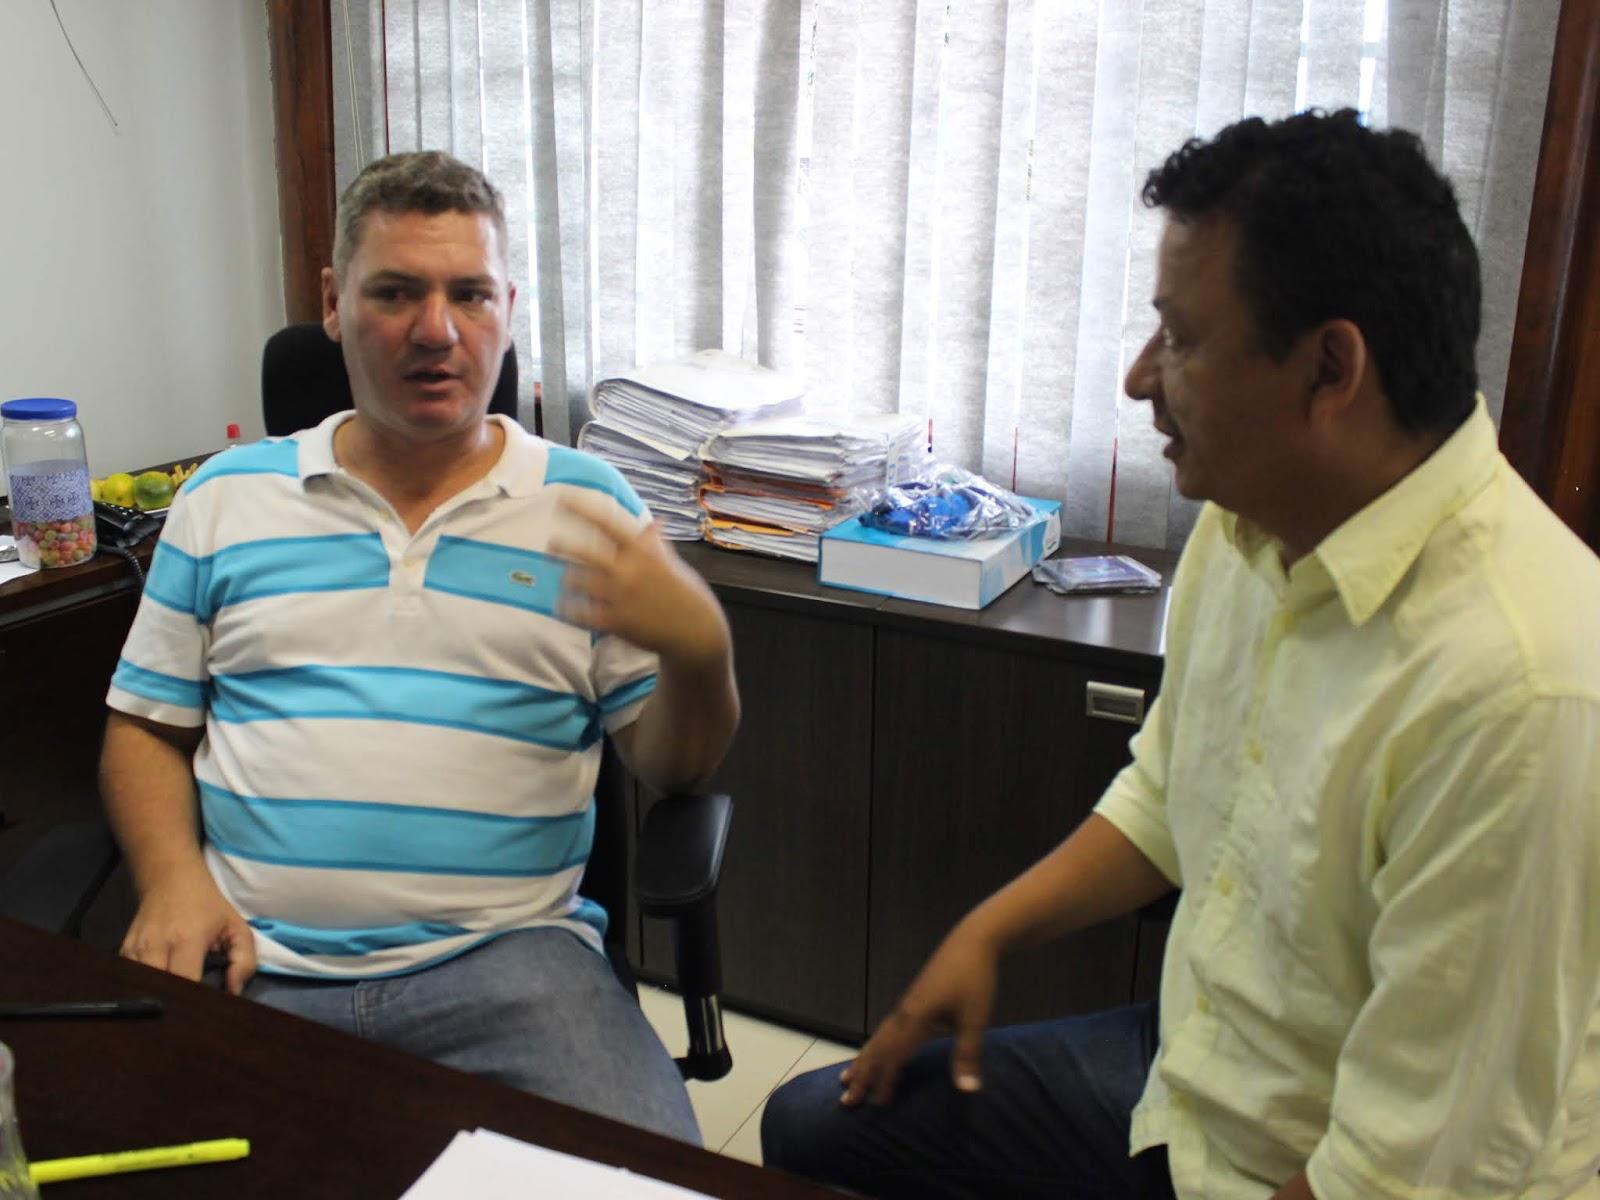 IMG 2823 - Novo administrador do Paranoá, Sergio Damasceno, começa seu primeiro dia de trabalho no Domingo ouvindo a comunidade local.